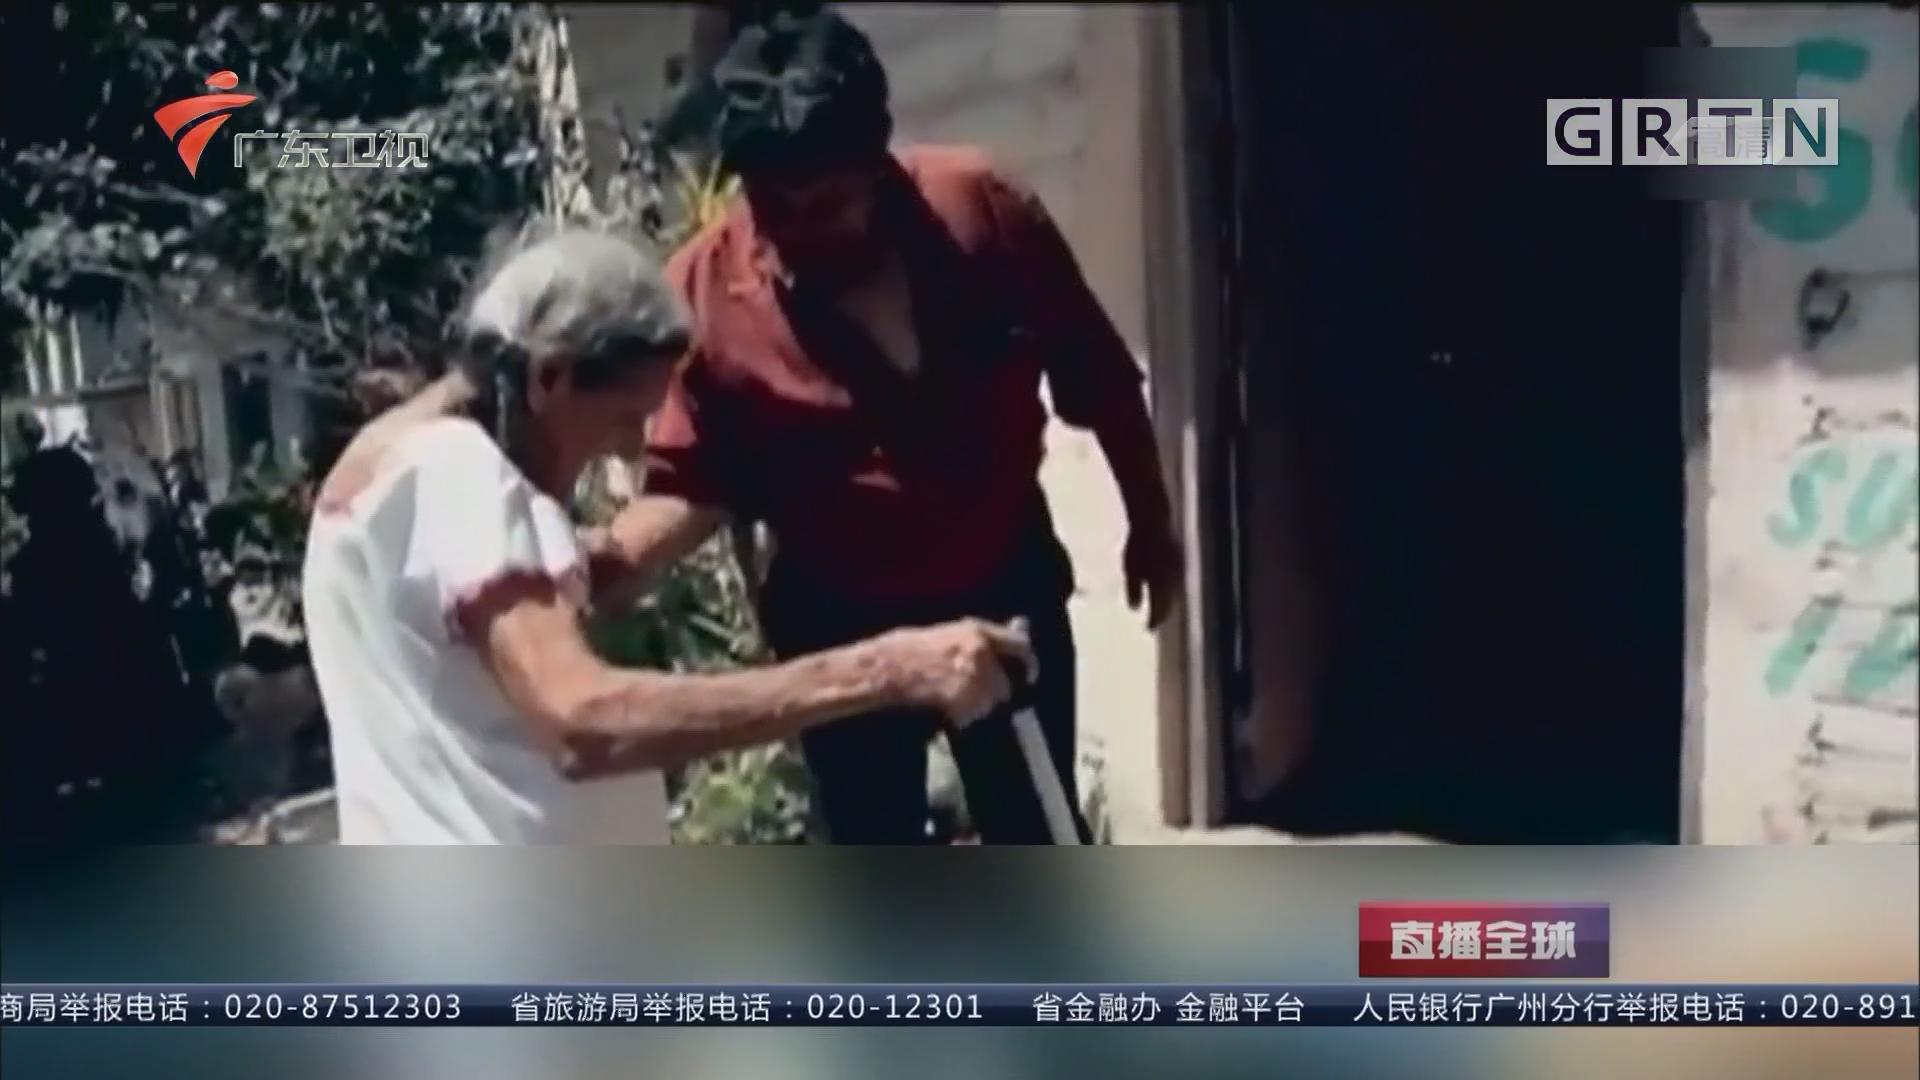 墨西哥老奶奶96岁实现高中梦 一辈子勤学不辍 新目标:100岁前毕业